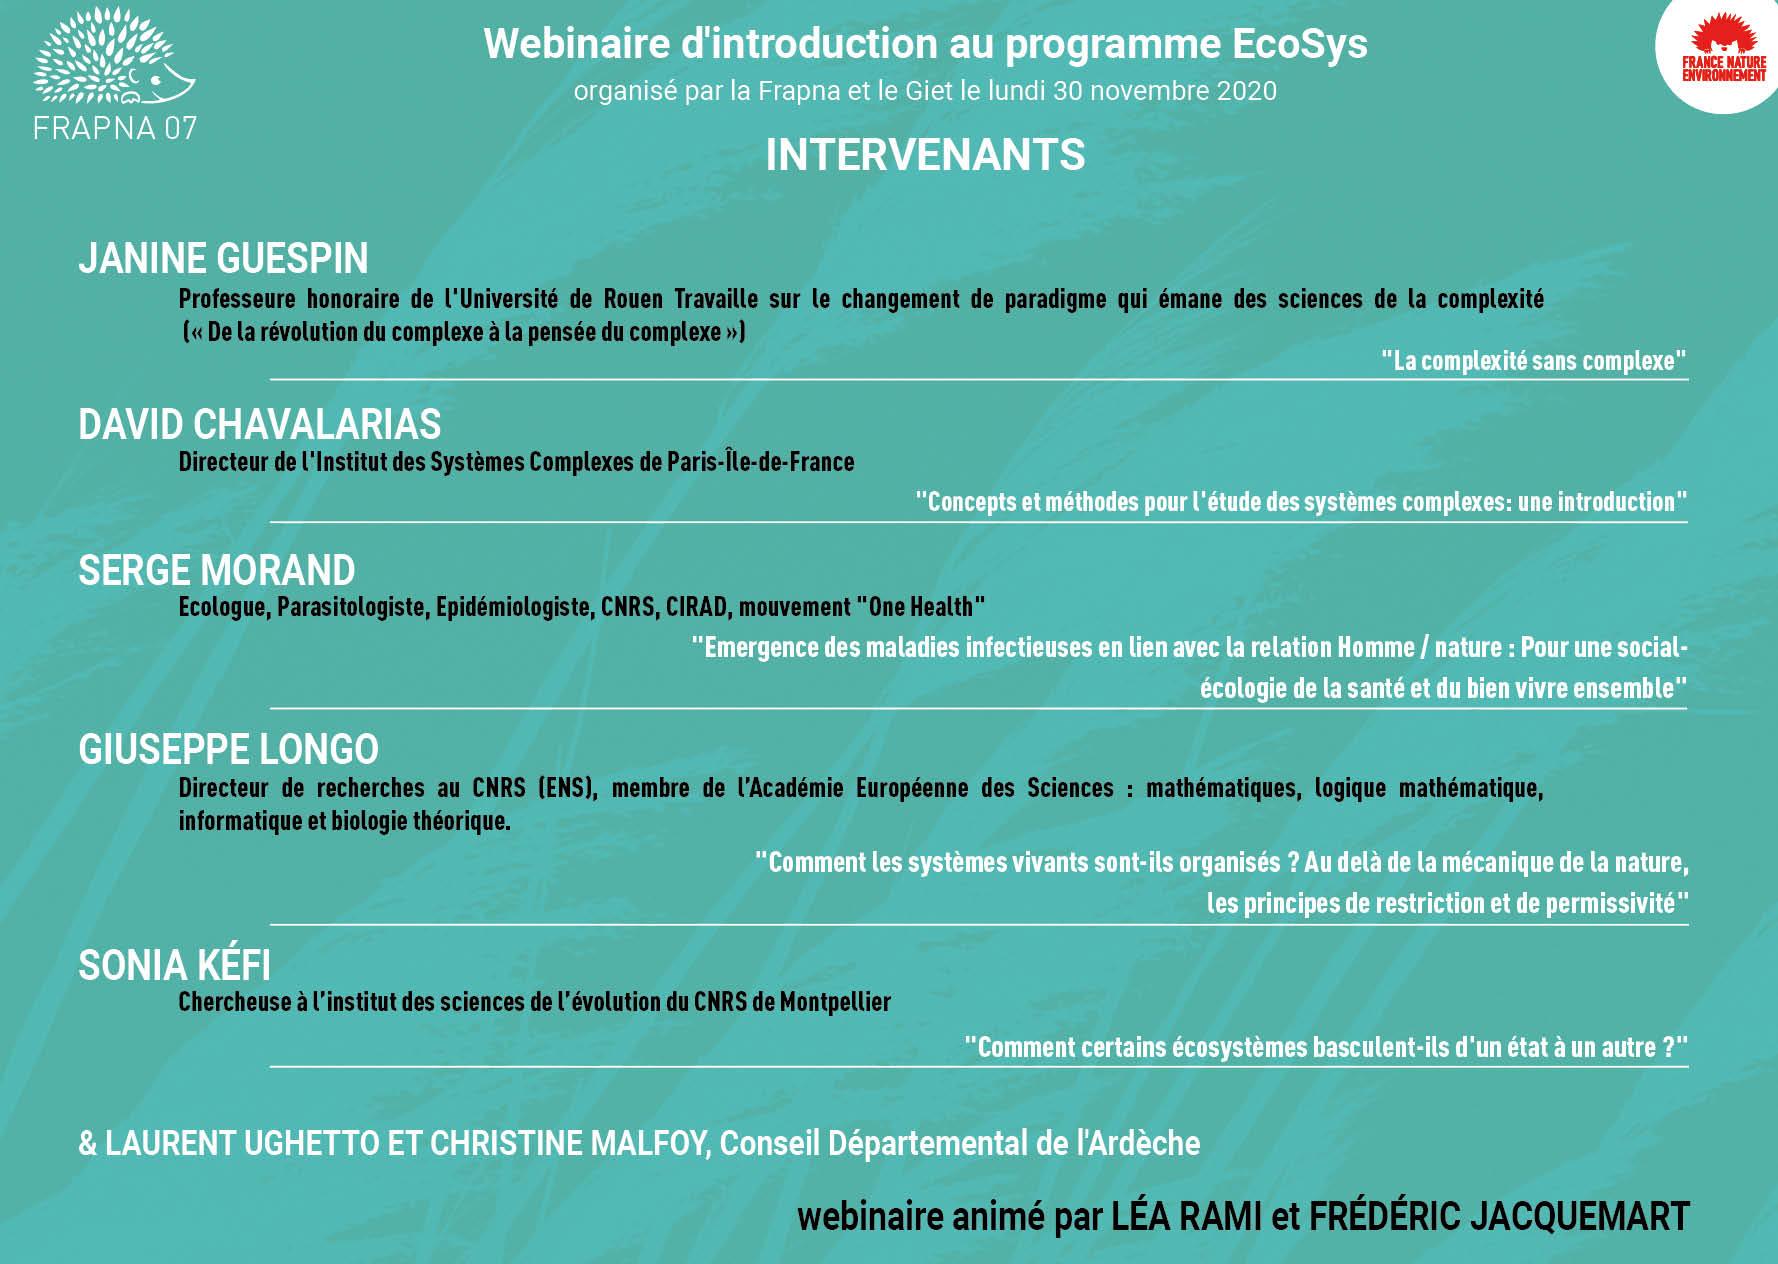 Vidéos ligne «webinaire d'introduction au programme EcoSys